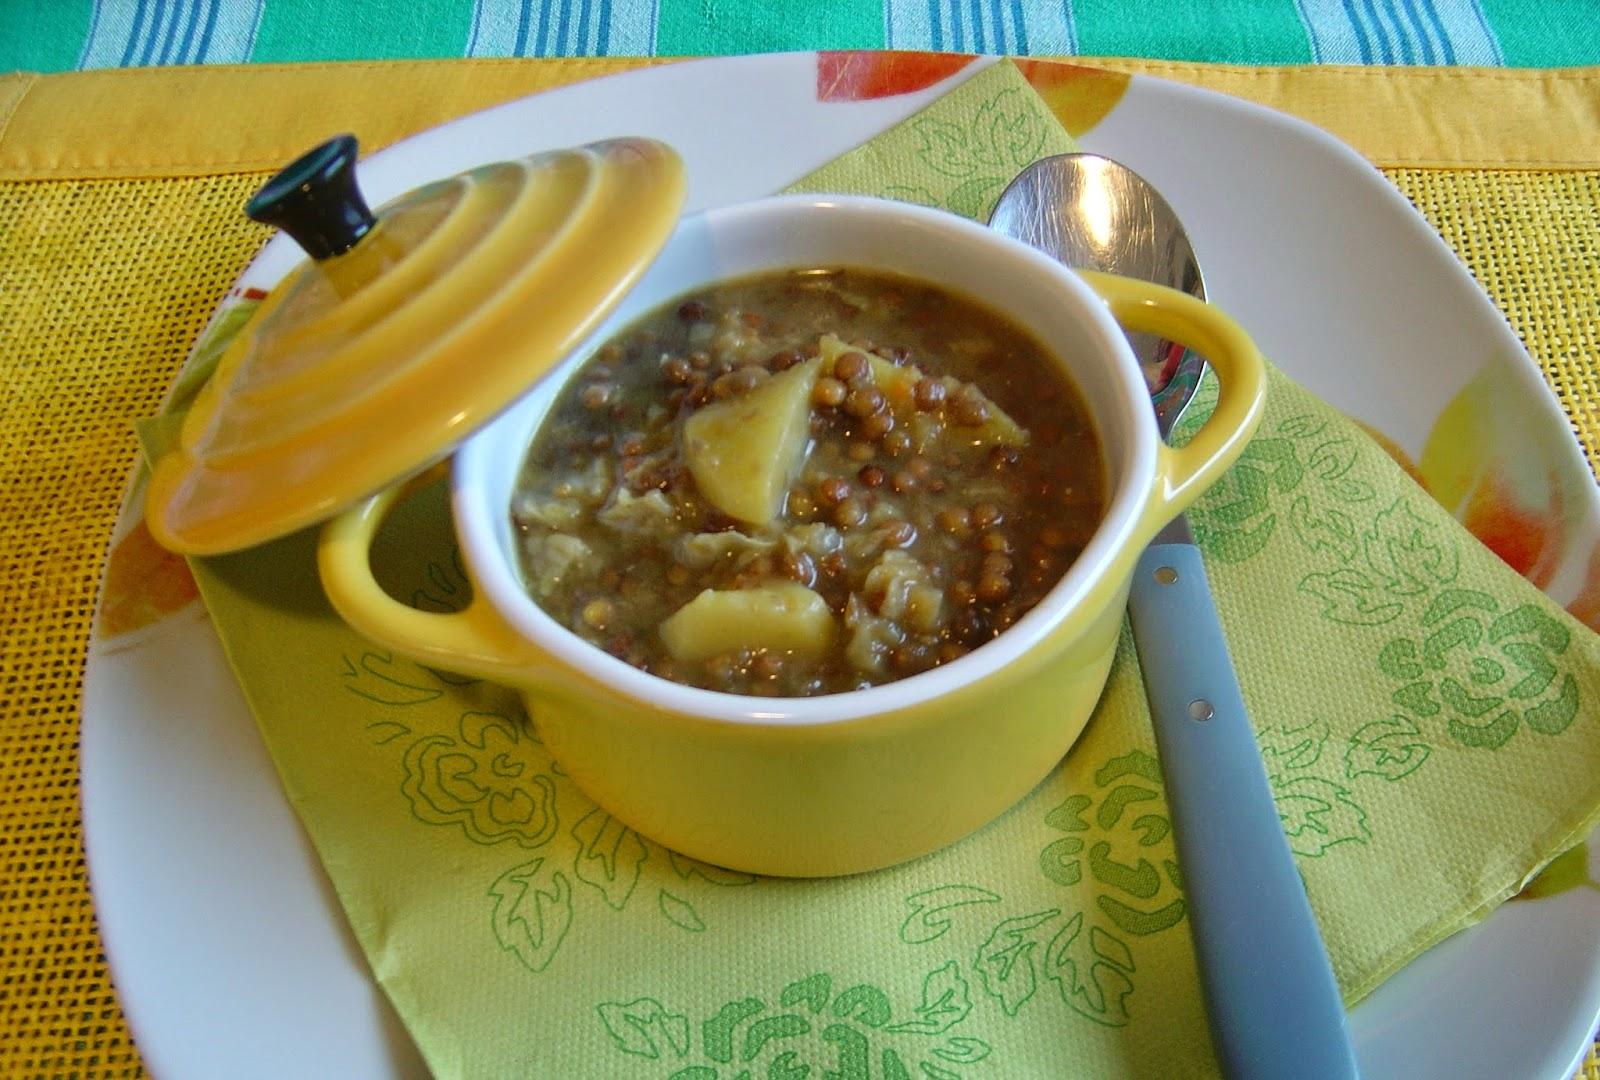 La cucina piccoLINA: Zuppa di lenticchie e verza